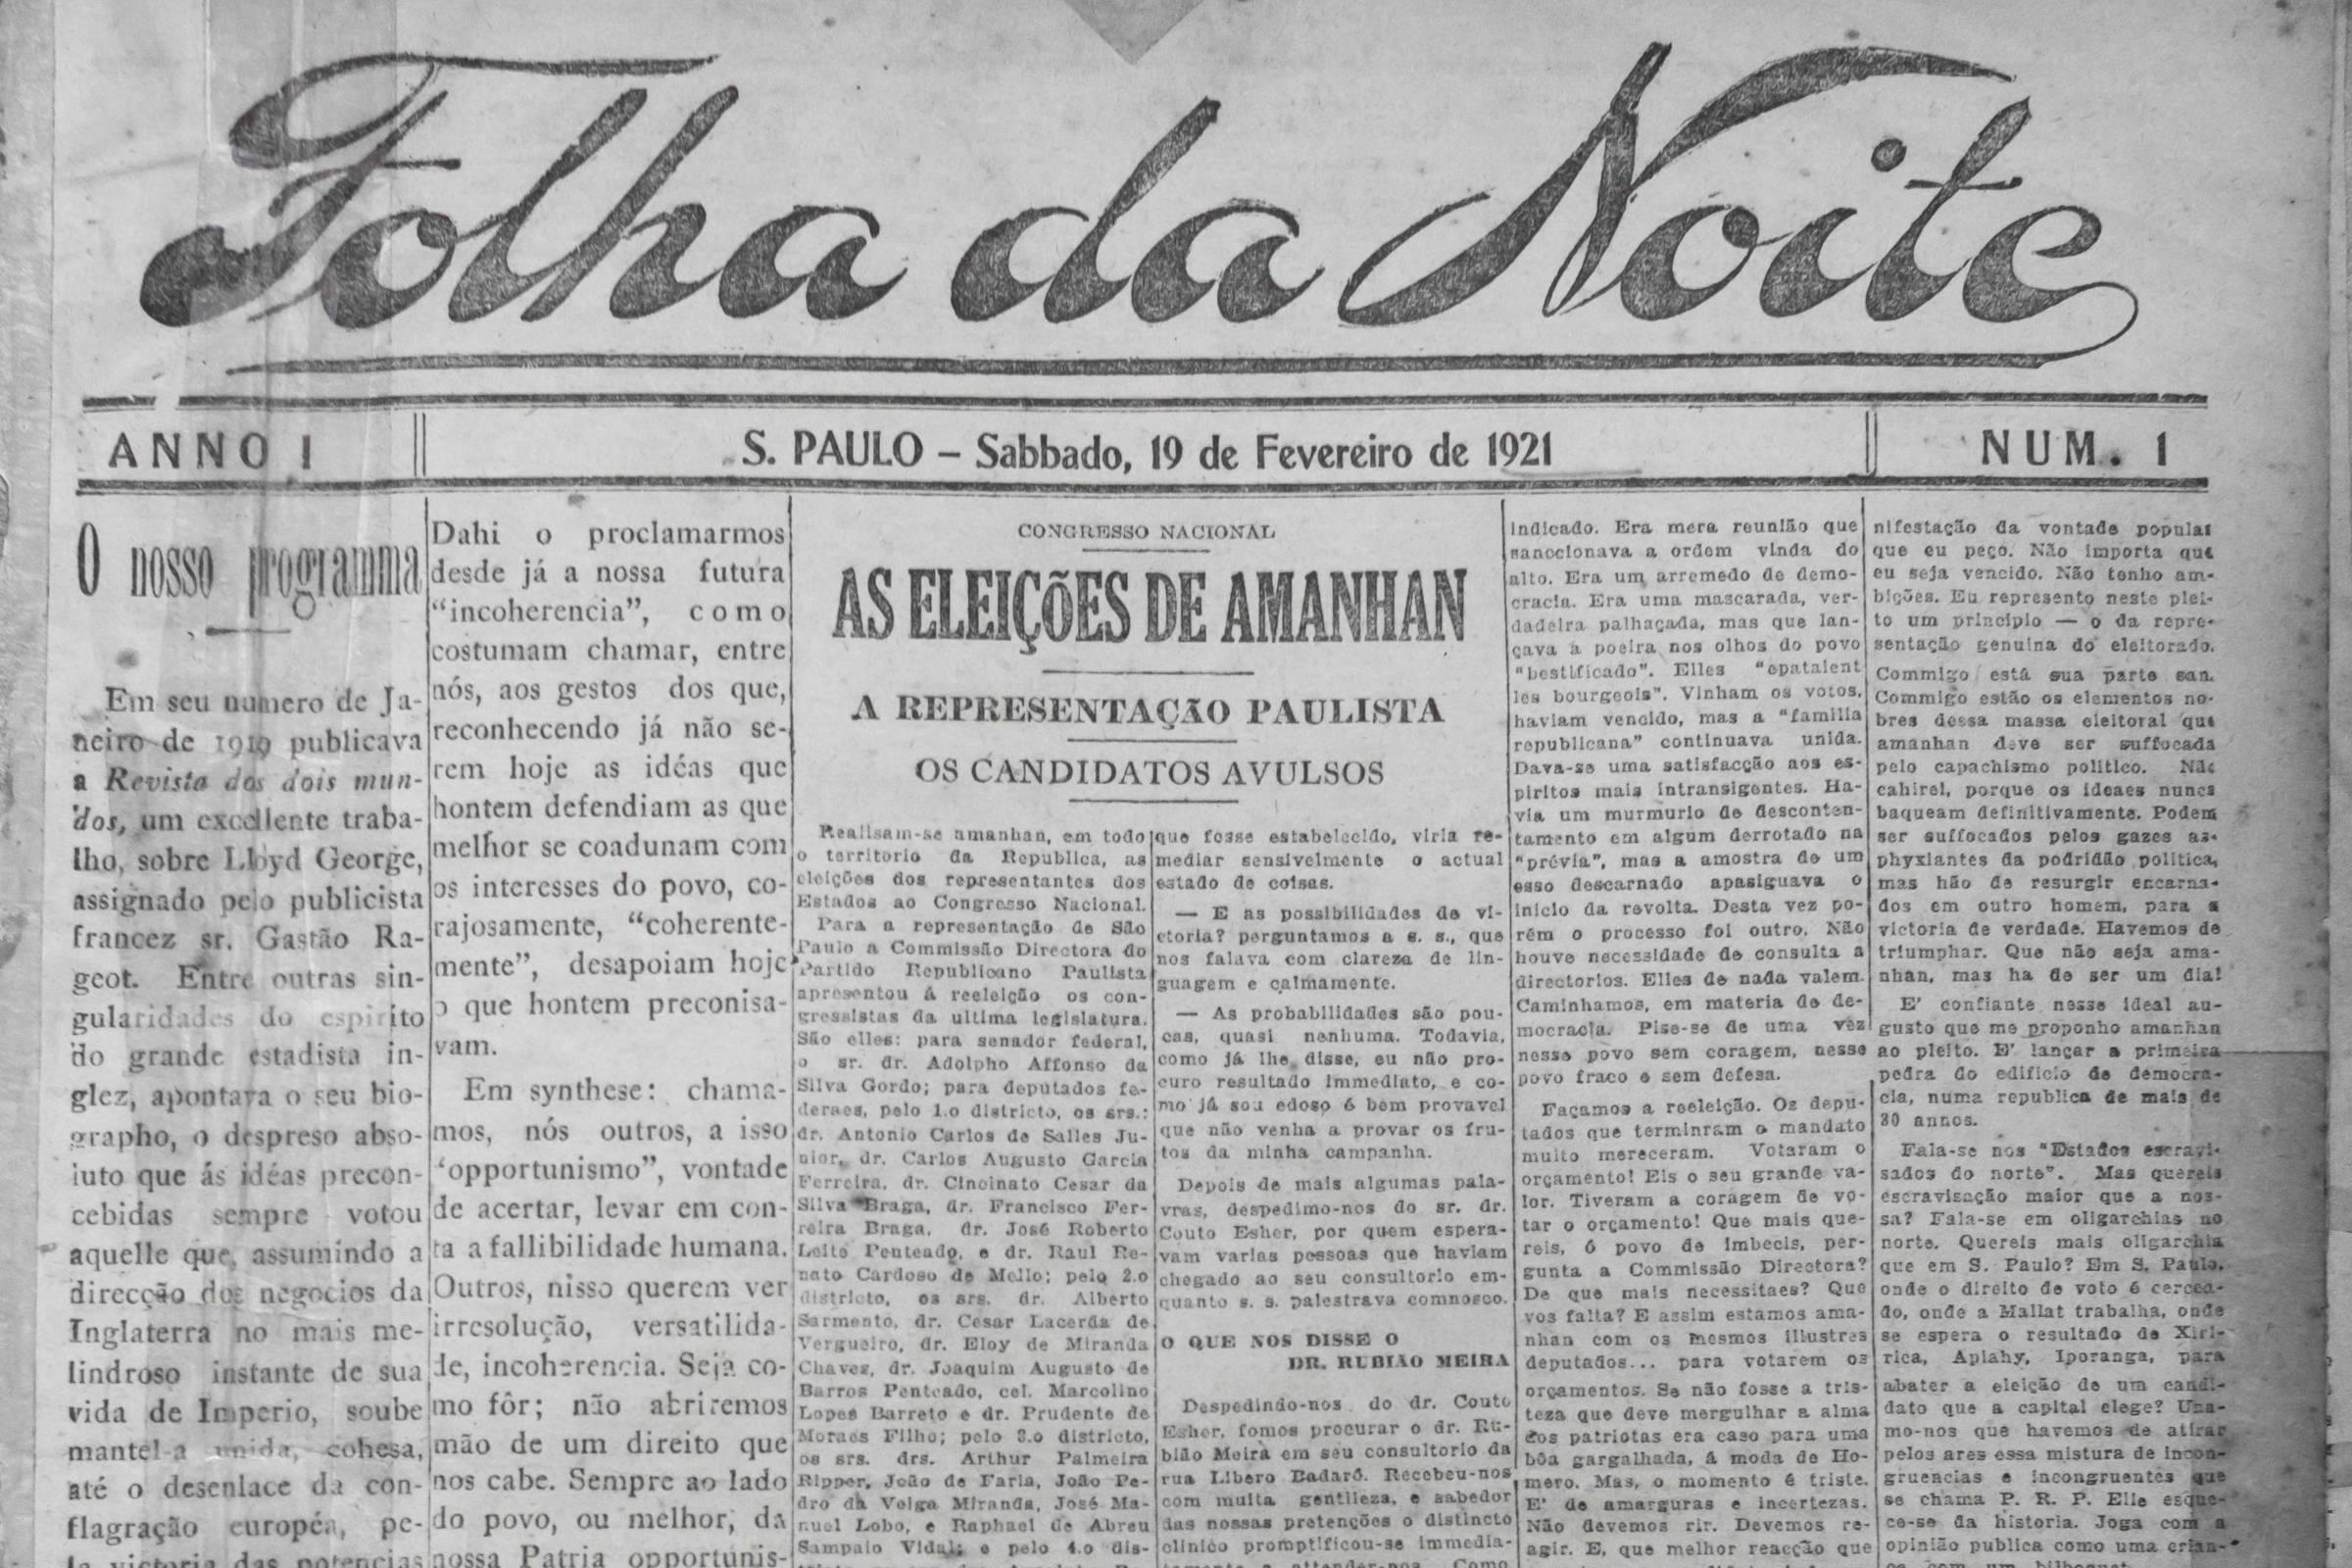 Mergulhe na história da Folha em 100 fatos marcantes do jornal